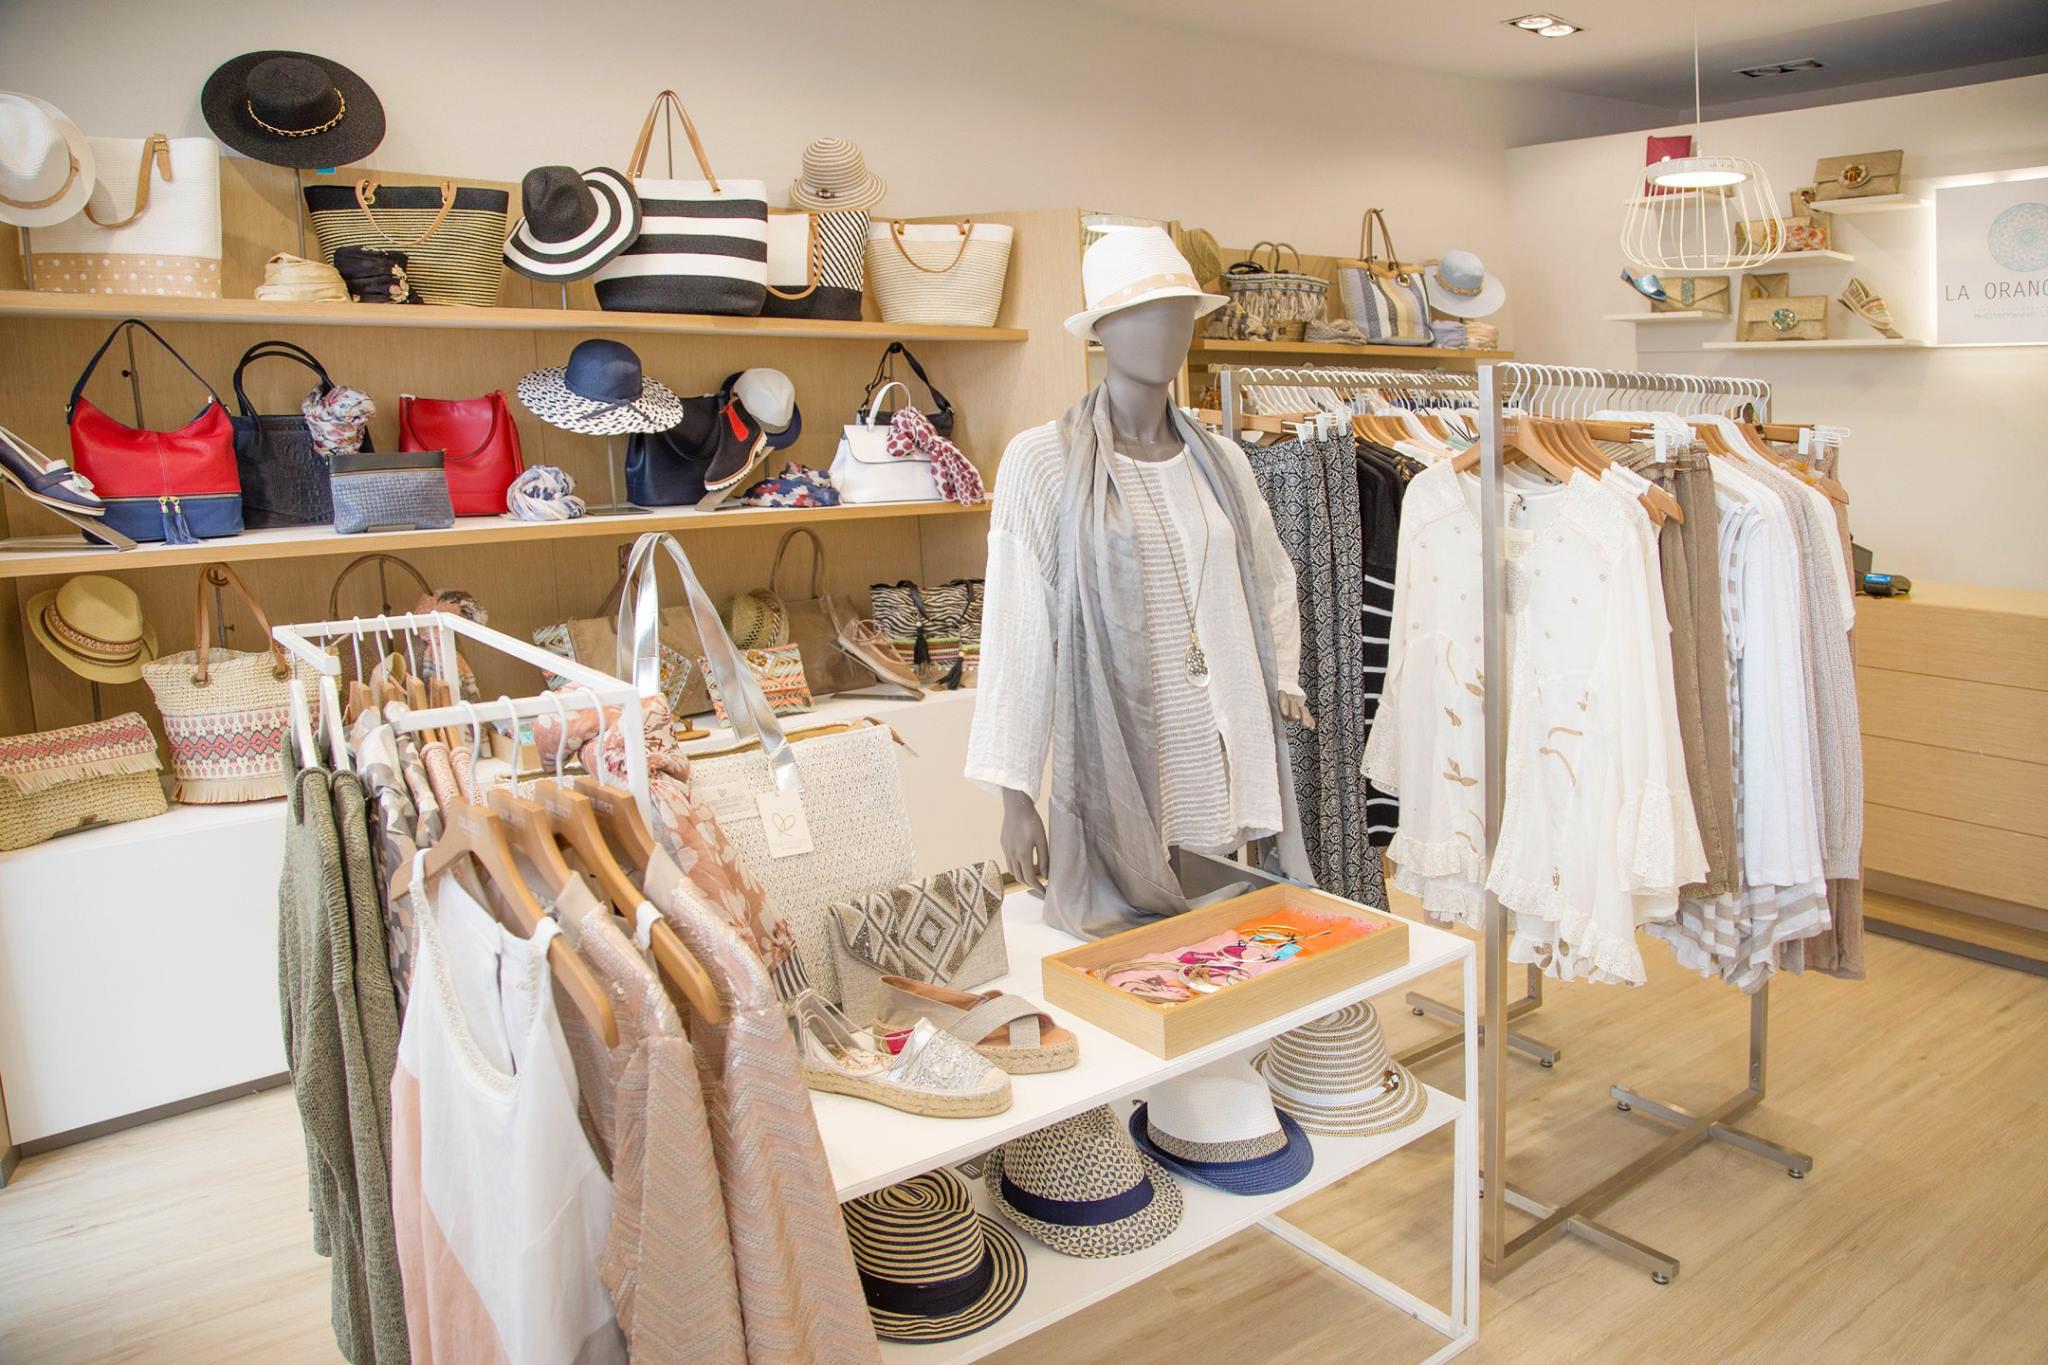 LA ORANGERIE fashion 1 - Bienvenidos a La Orangerie